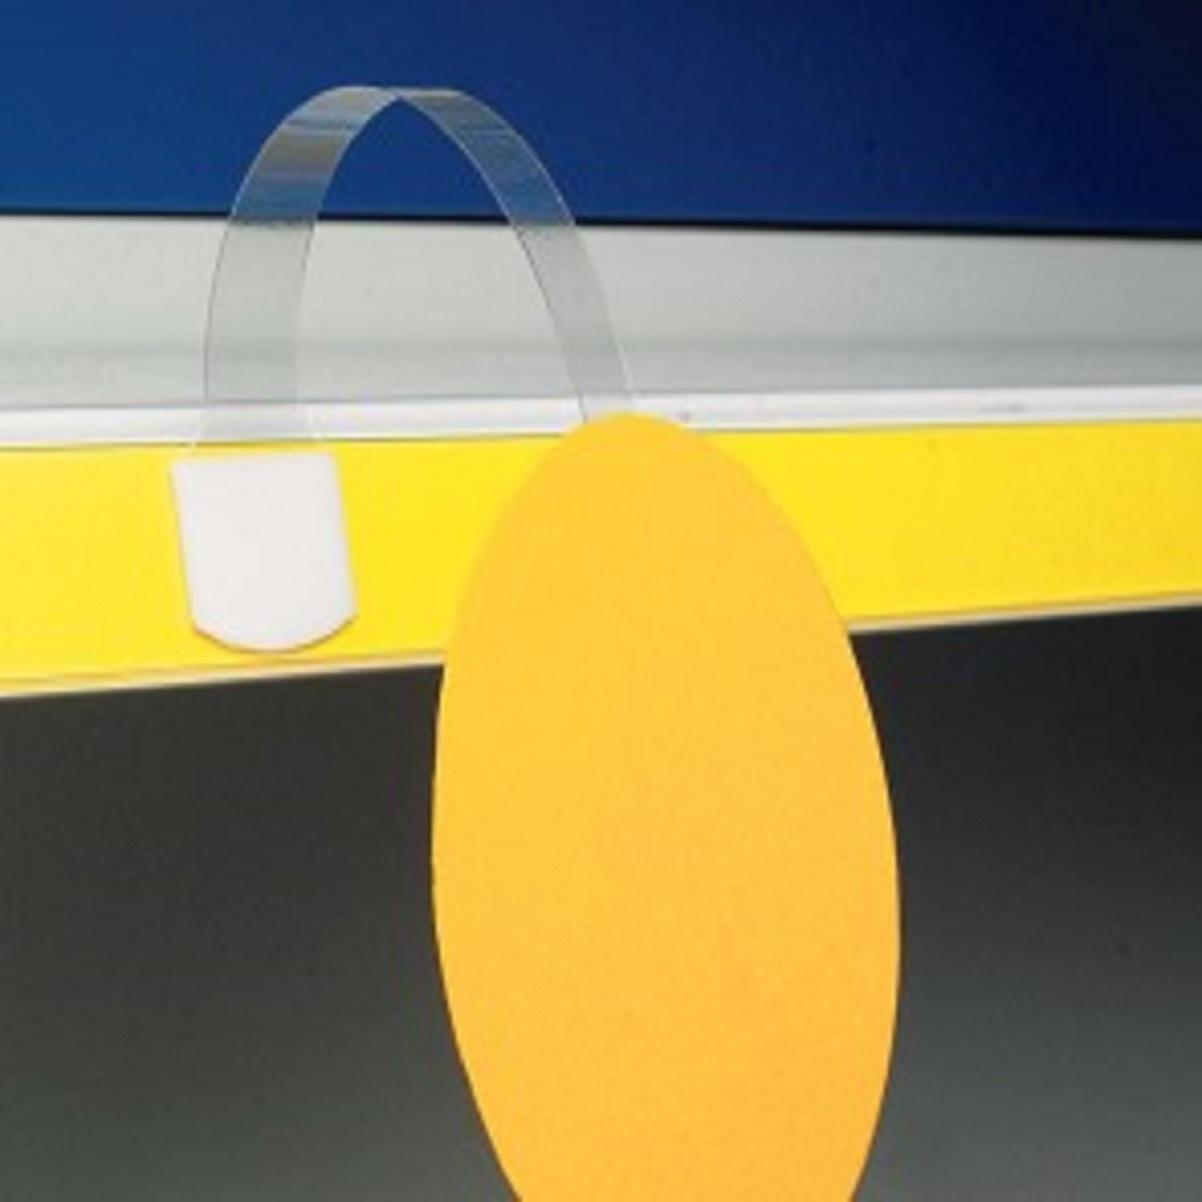 fleje europeo con adhesivo a ambos lados